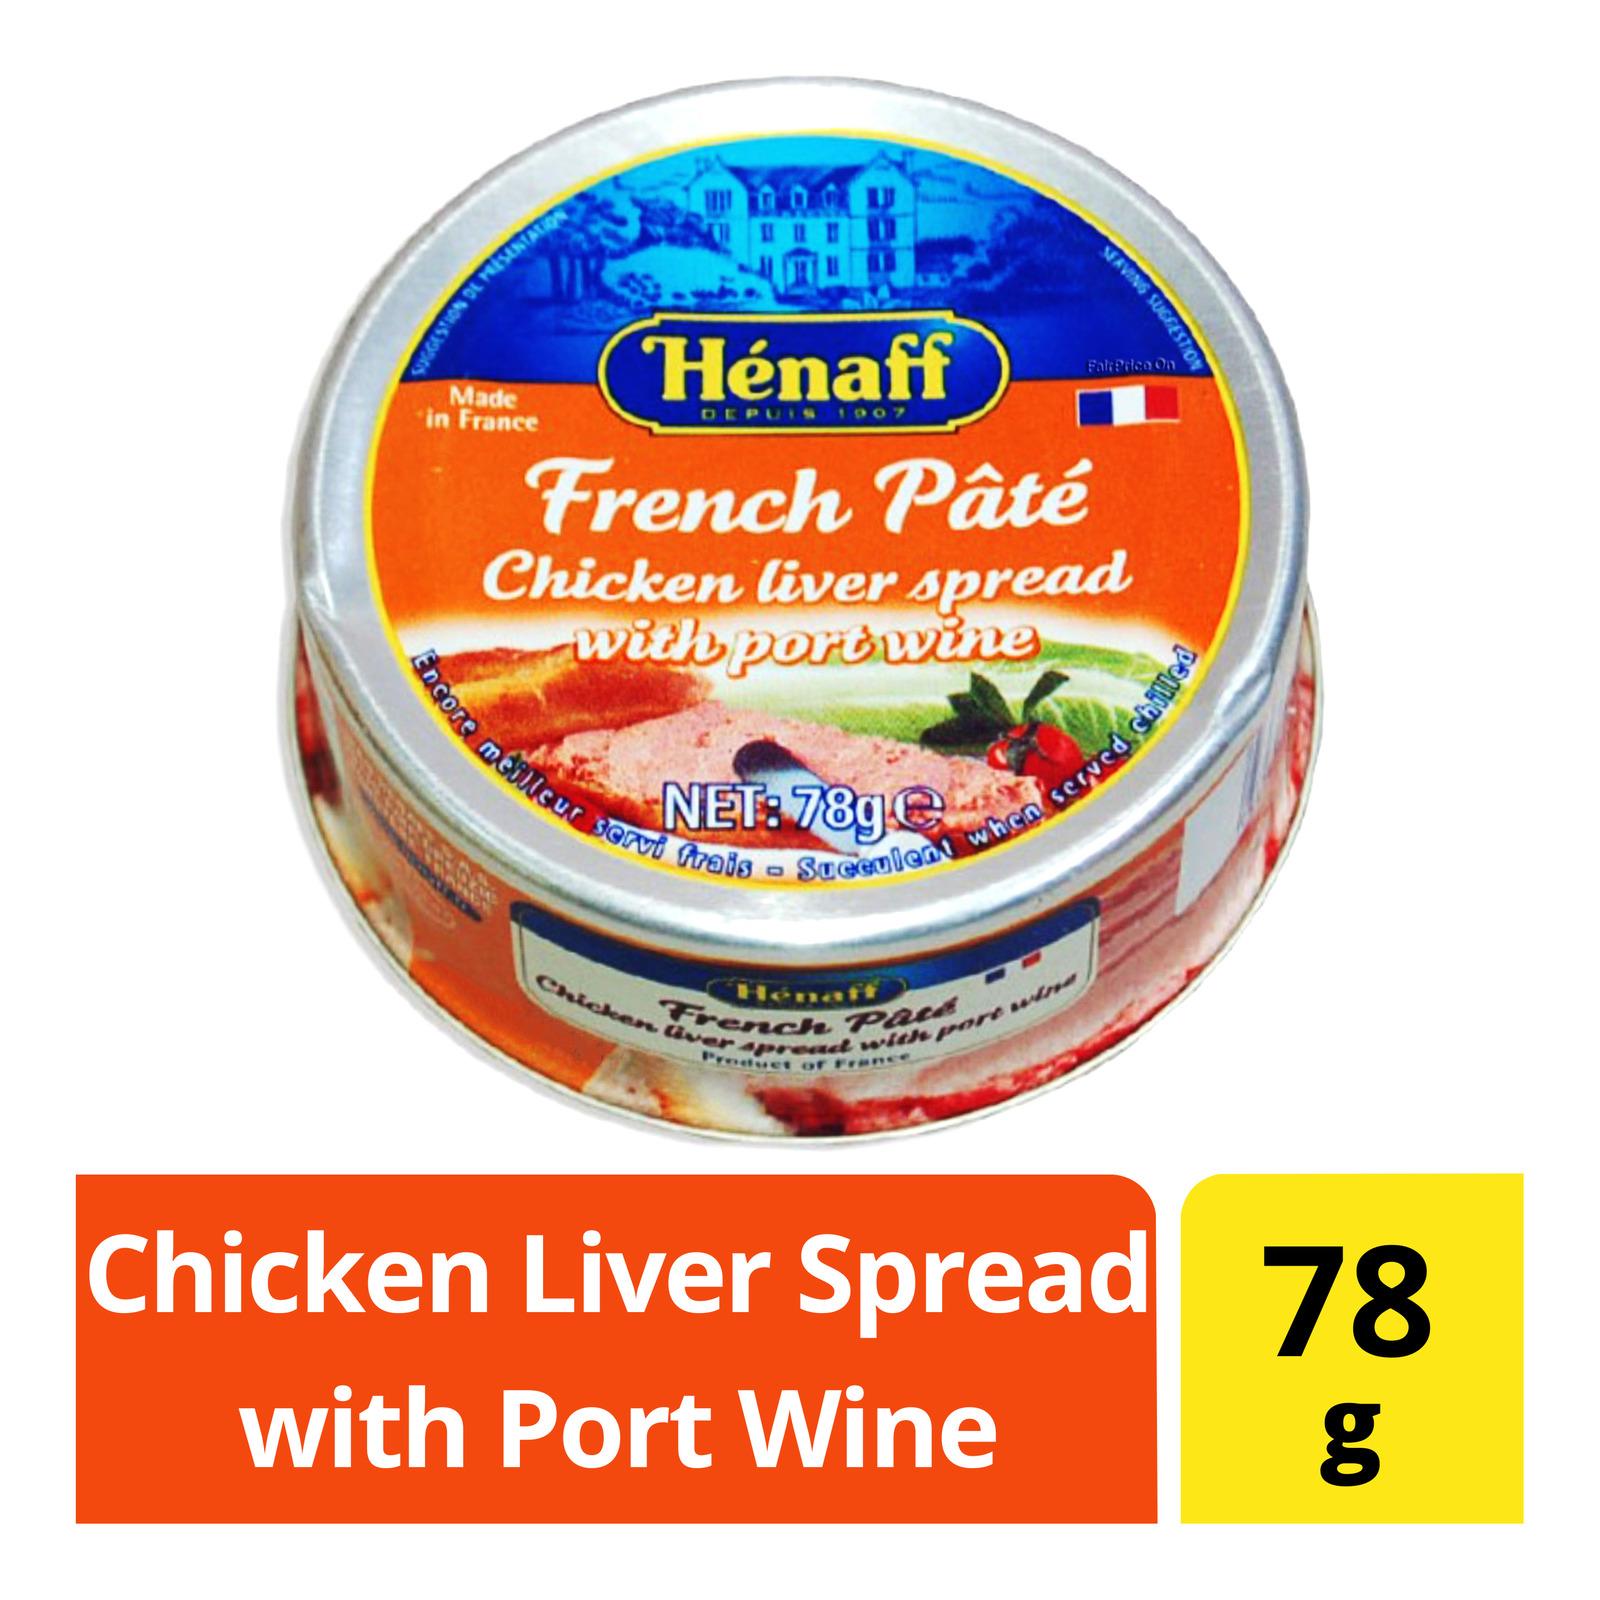 Henaff Chicken Liver Spread with Port Wine